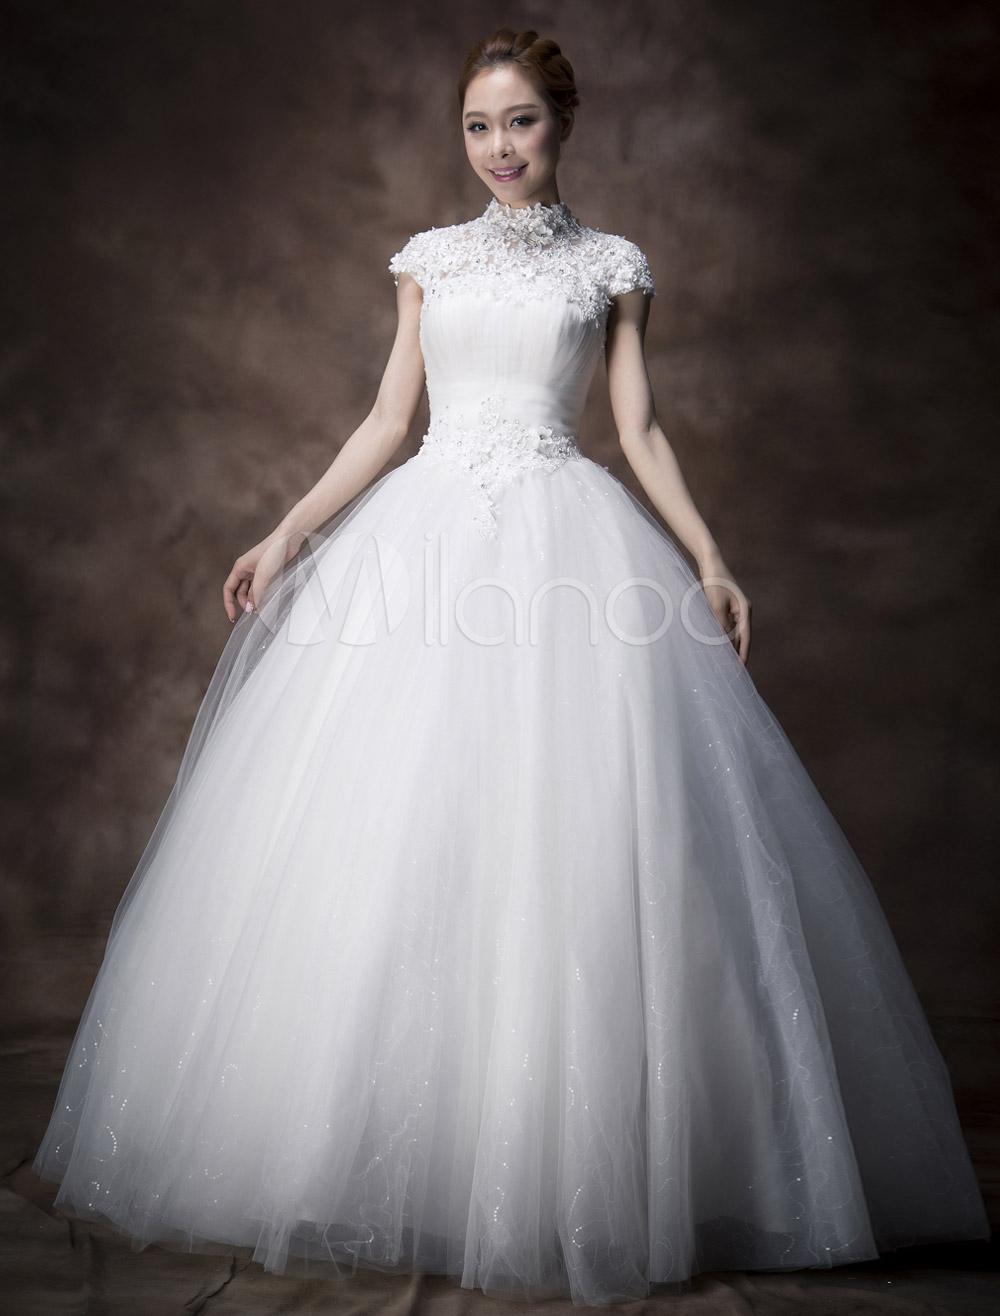 Vestido de boda chino moderno para lucir bella de la novia